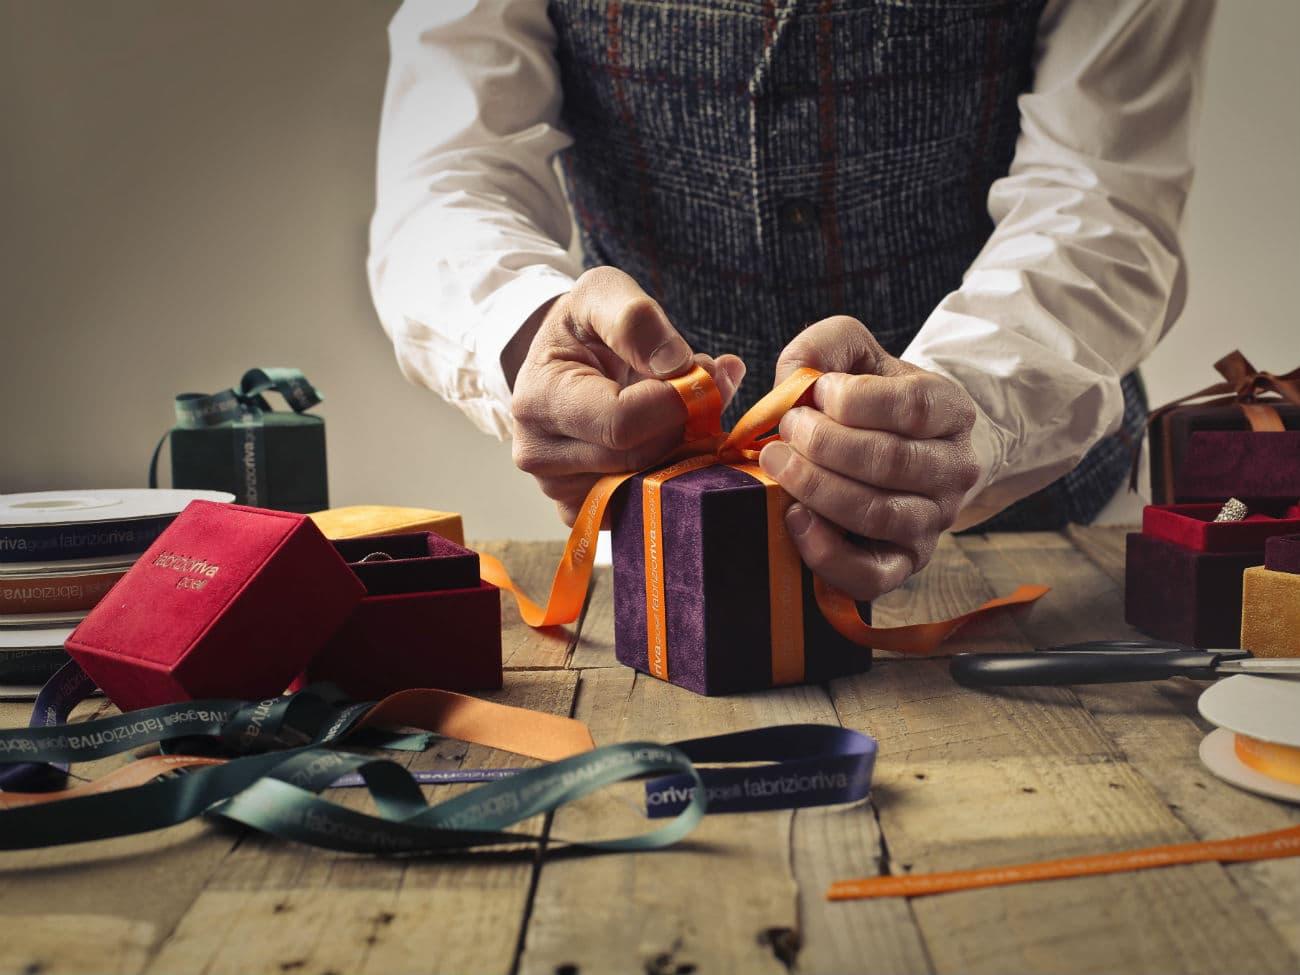 Как упаковывать подарки